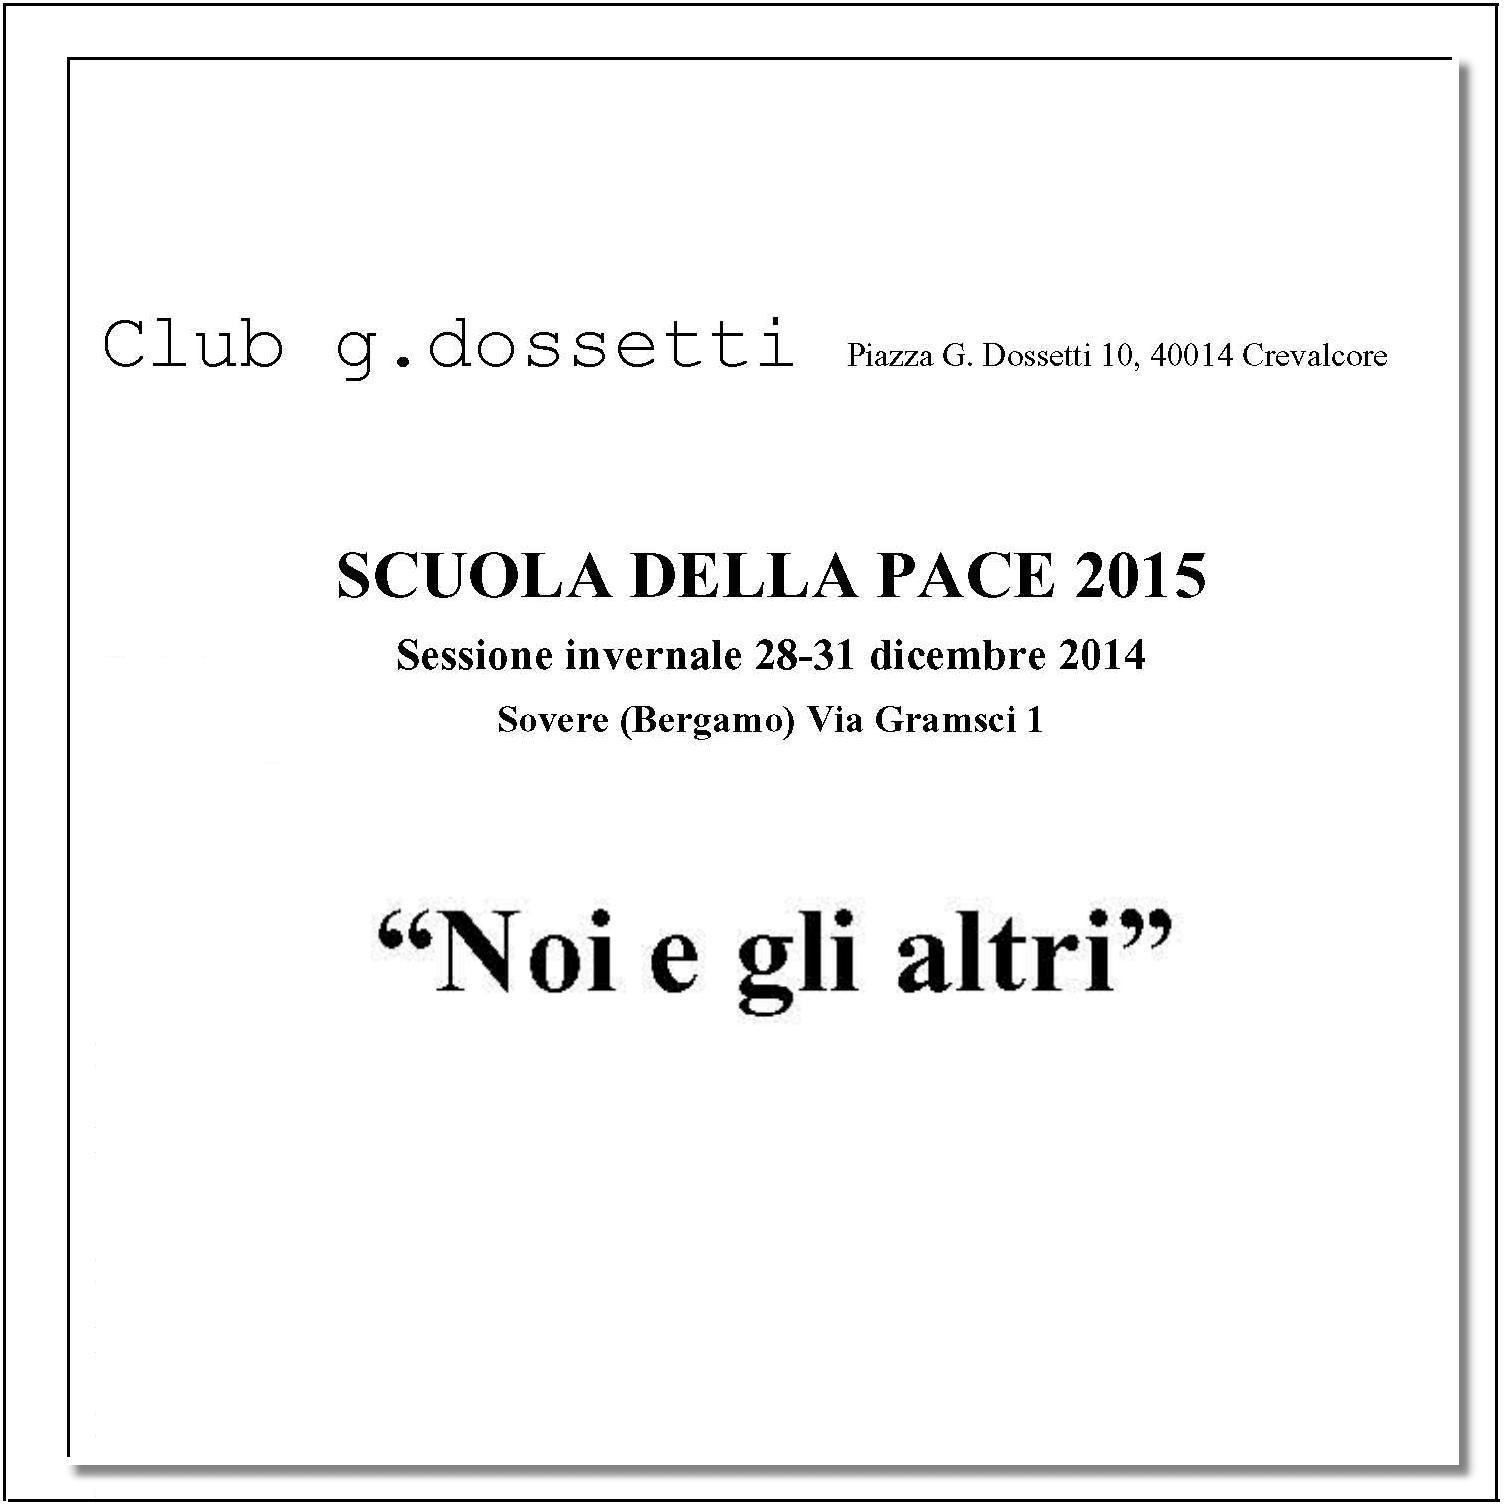 Scuola della pace invernale 2015